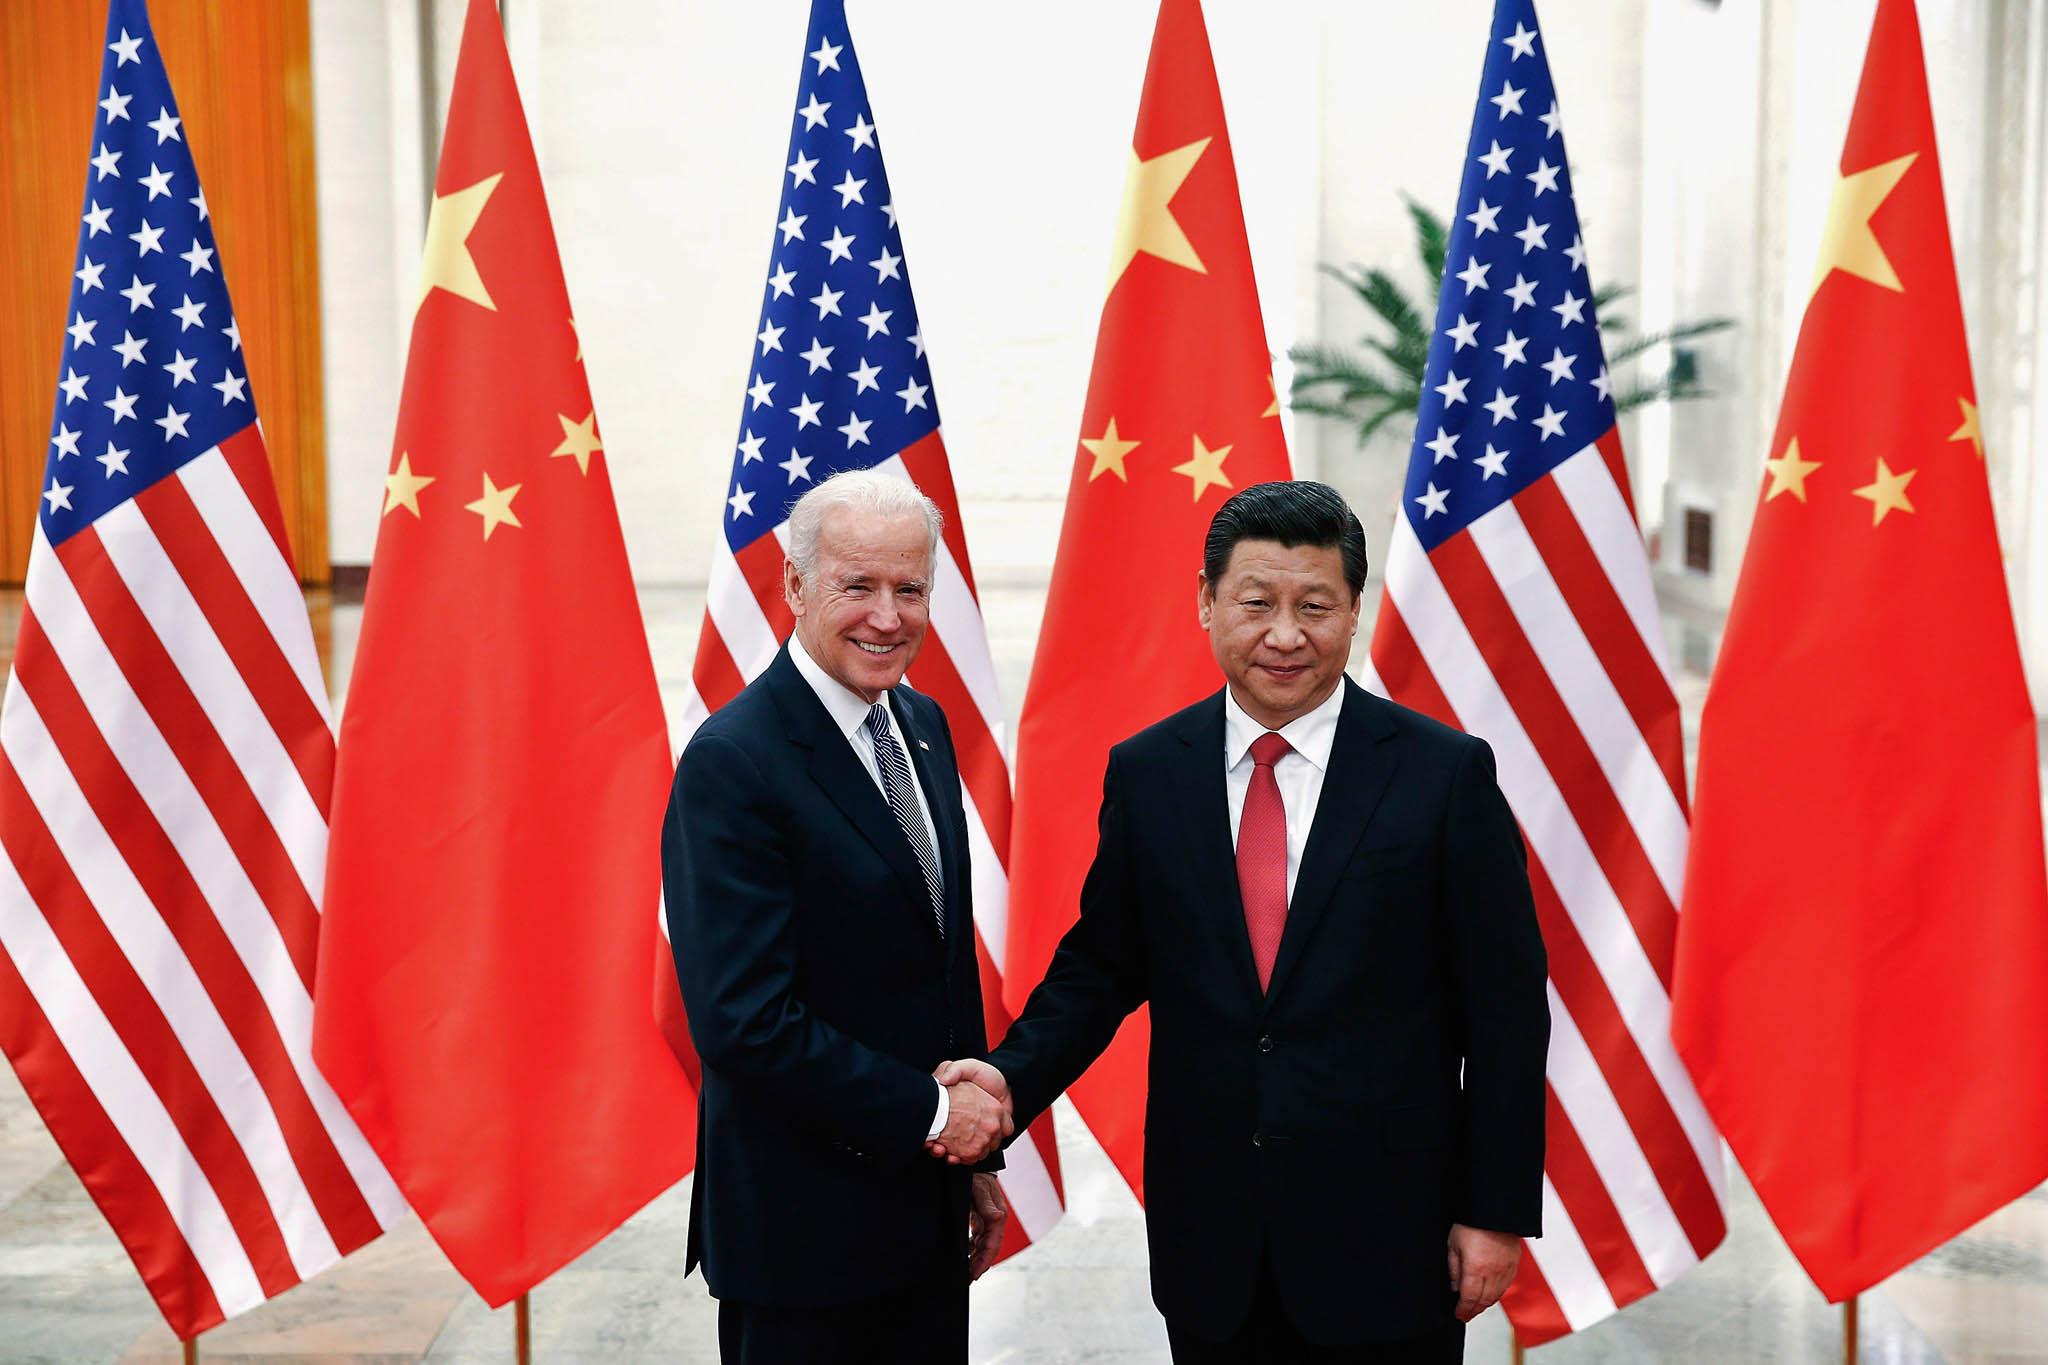 Prezidenti. Těžké soužití USA aČíny symbolizují jednání prezidenta asijské velmoci Si Ťin-pchinga samerickými prezidenty Barackem Obamou aDonaldem Trumpem isjejich možným nástupcem Joem Bidenem.